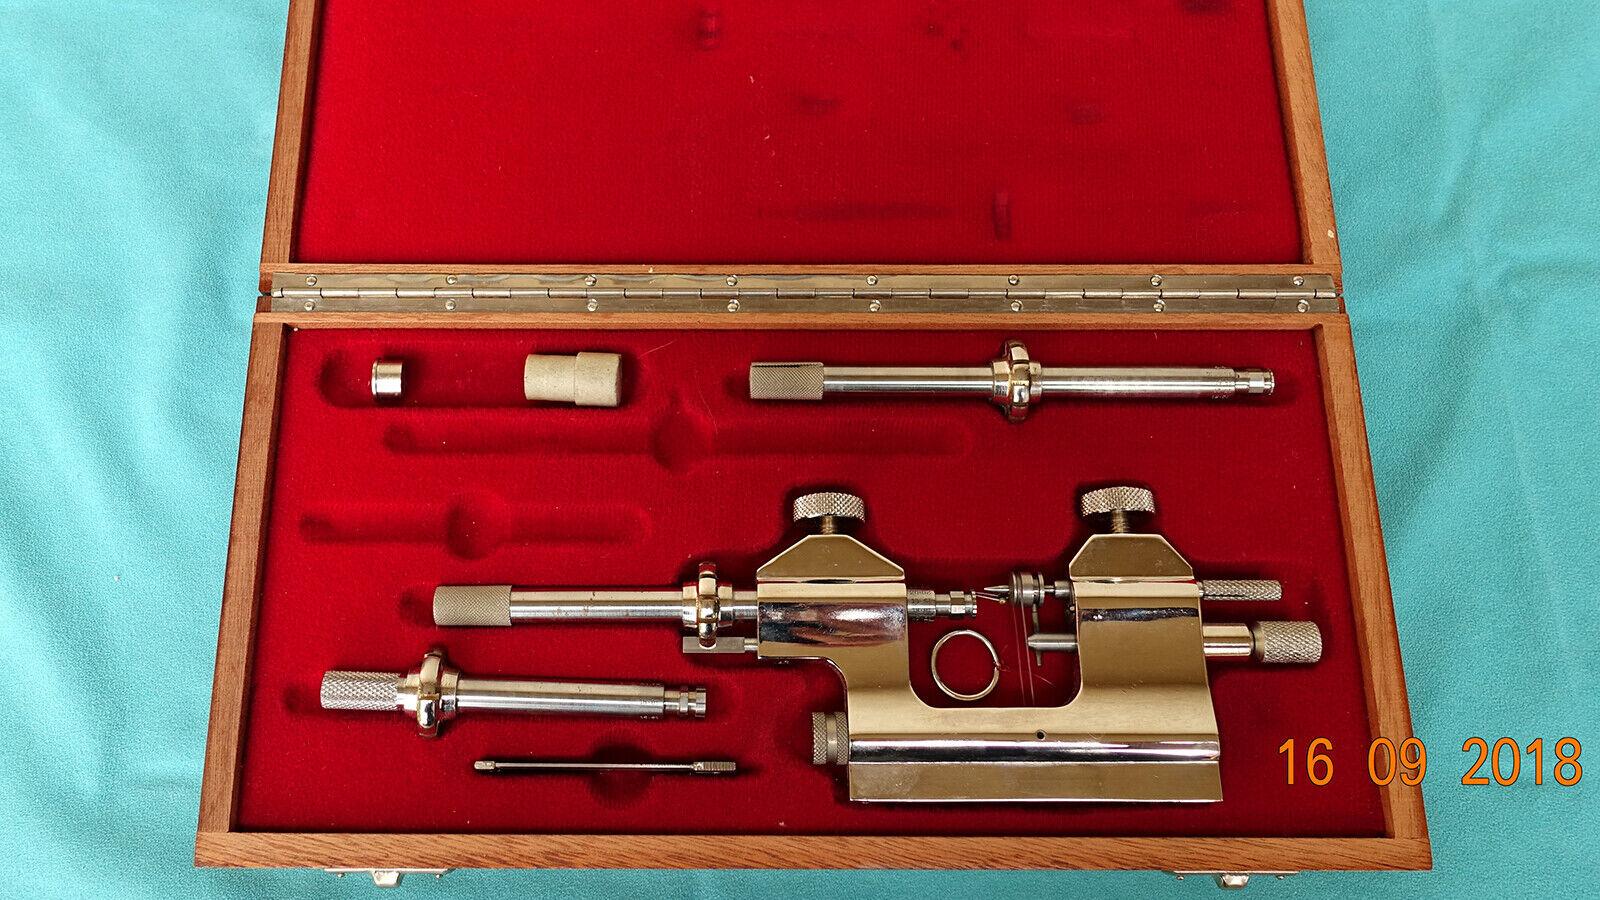 Steiner Hahn Zapfenrollierstuhl Drehmaschine Uhrmacherwerkzeug